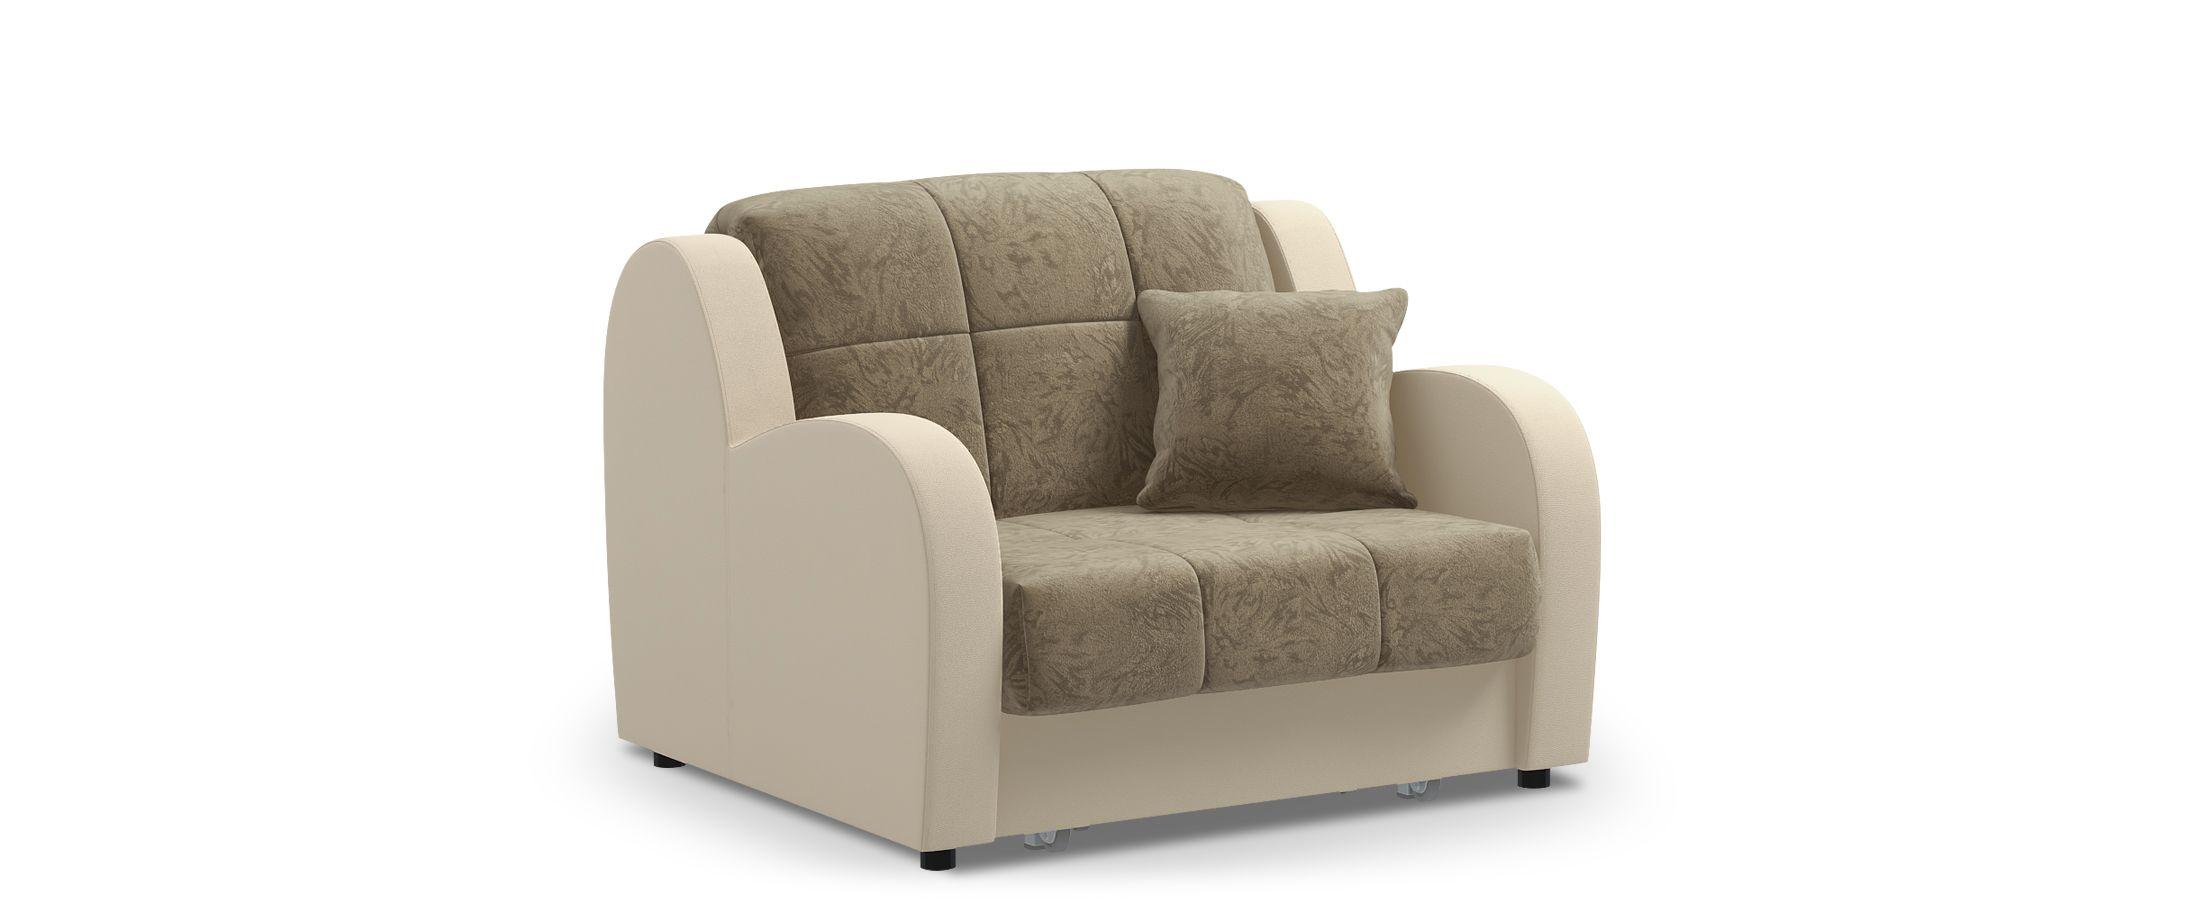 Кресло раскладное Барон 022Купить бежевое кресло-кровать Барон 022. Доставка от 1 дня. Подъём, сборка, вынос упаковки. Гарантия 18 месяцев. Интернет-магазин мебели MOON TRADE. Артикул: 001411<br><br>Ширина см: 113<br>Глубина см: 104<br>Высота см: 88<br>Ширина спального места см: 88<br>Длина спального места см: 204<br>Глубина посадочного места см: 60<br>Механизм: Аккордеон<br>Код ткани: 67-36, 36-132<br>Цвет: Бежевый<br>Материал: Велюр, Экокожа<br>Каркас: Металлокаркас<br>Основание: Берёзовые латы<br>Мягкий настил: ППУ<br>Жёсткость: Жёсткий<br>Чехол: Съёмный